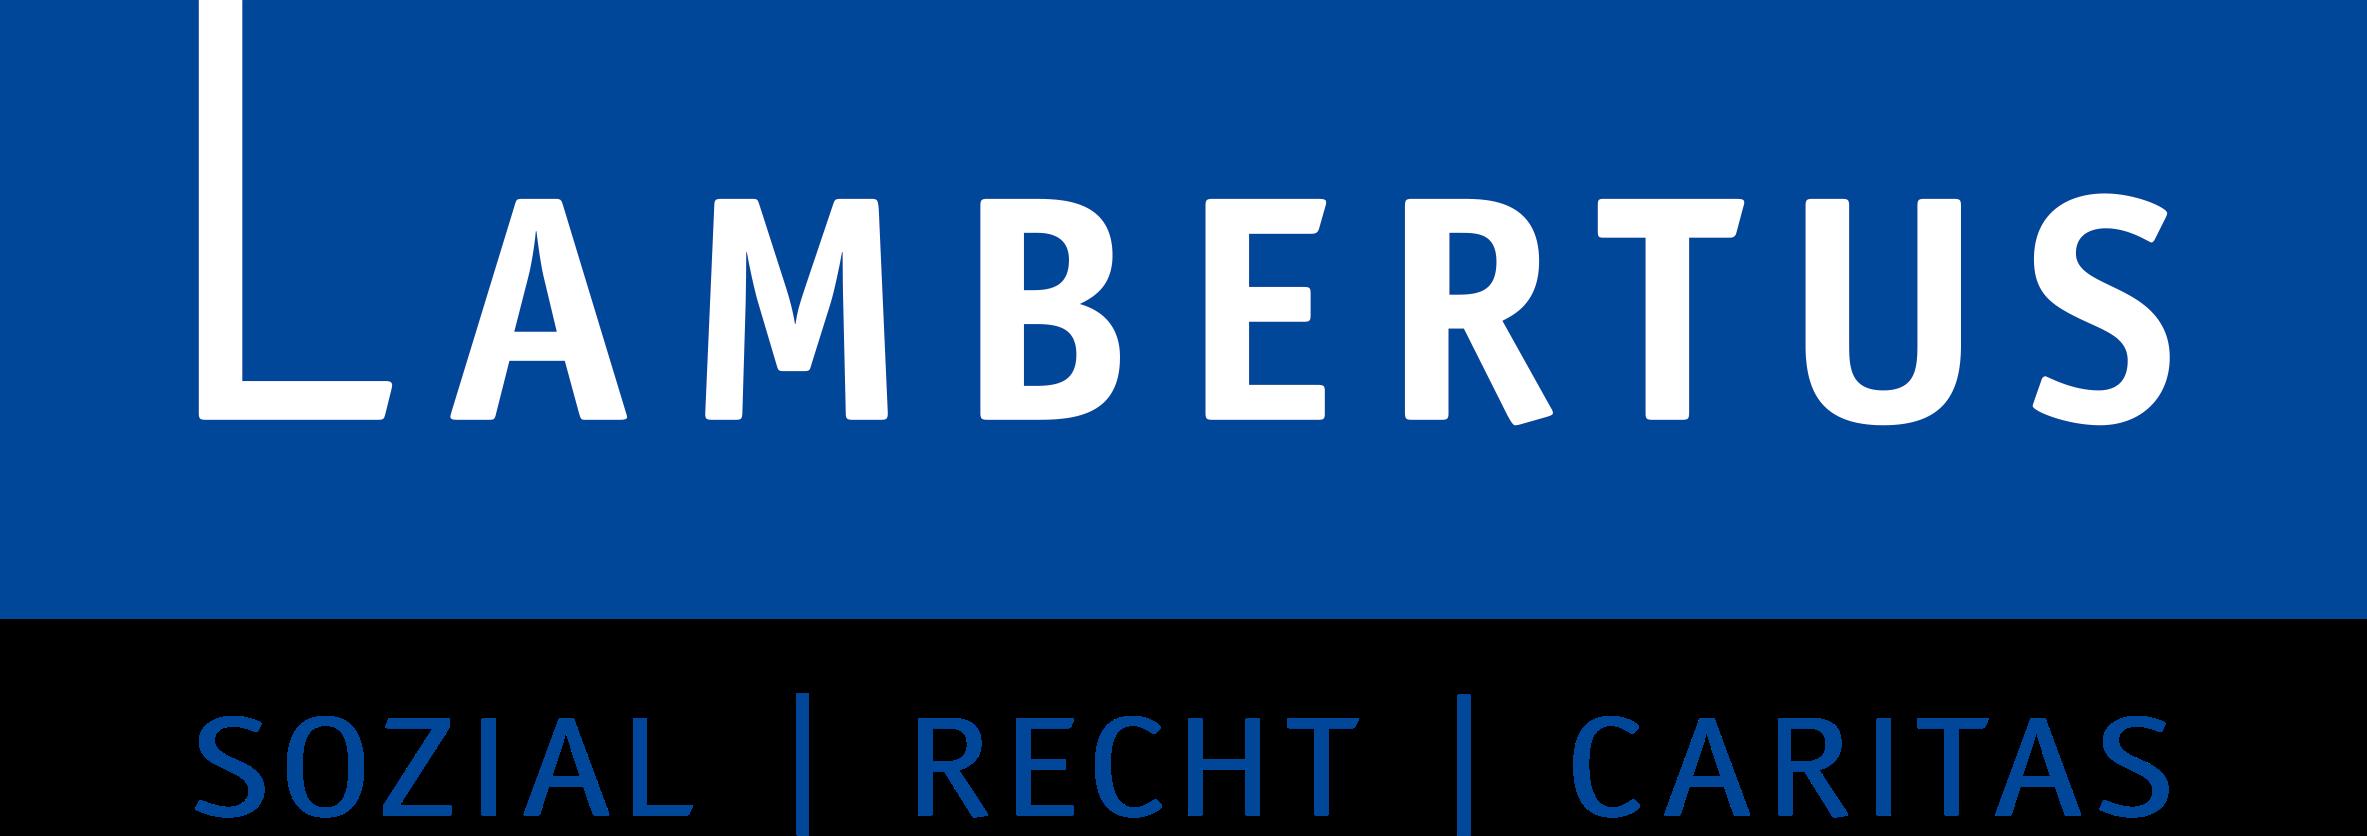 Lambertus-Verlag GmbH